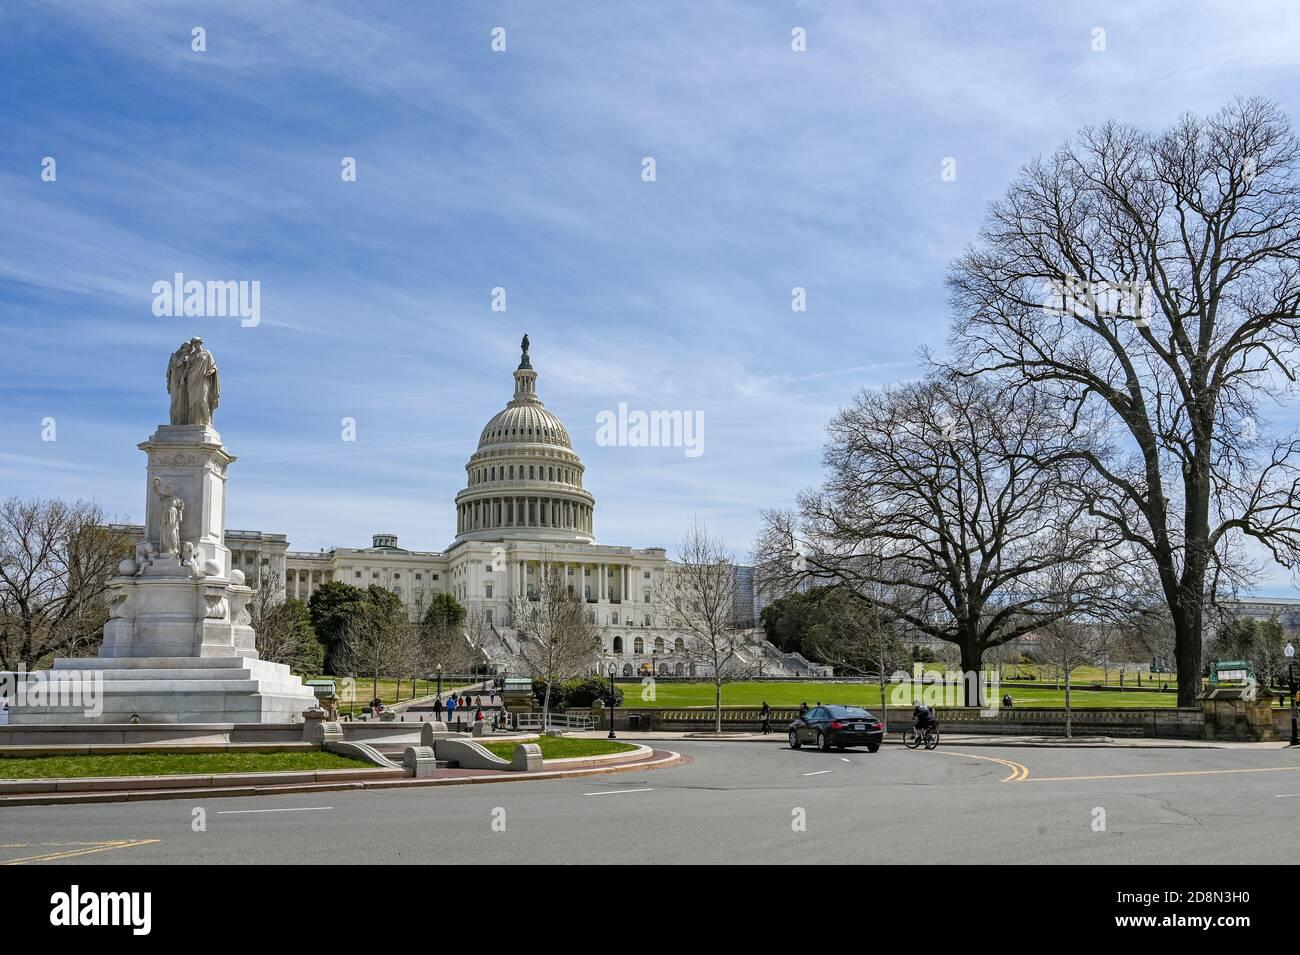 United States Capitol et la colline du Capitole vue du National Mall. Le Capitole est le siège du Congrès américain. Banque D'Images